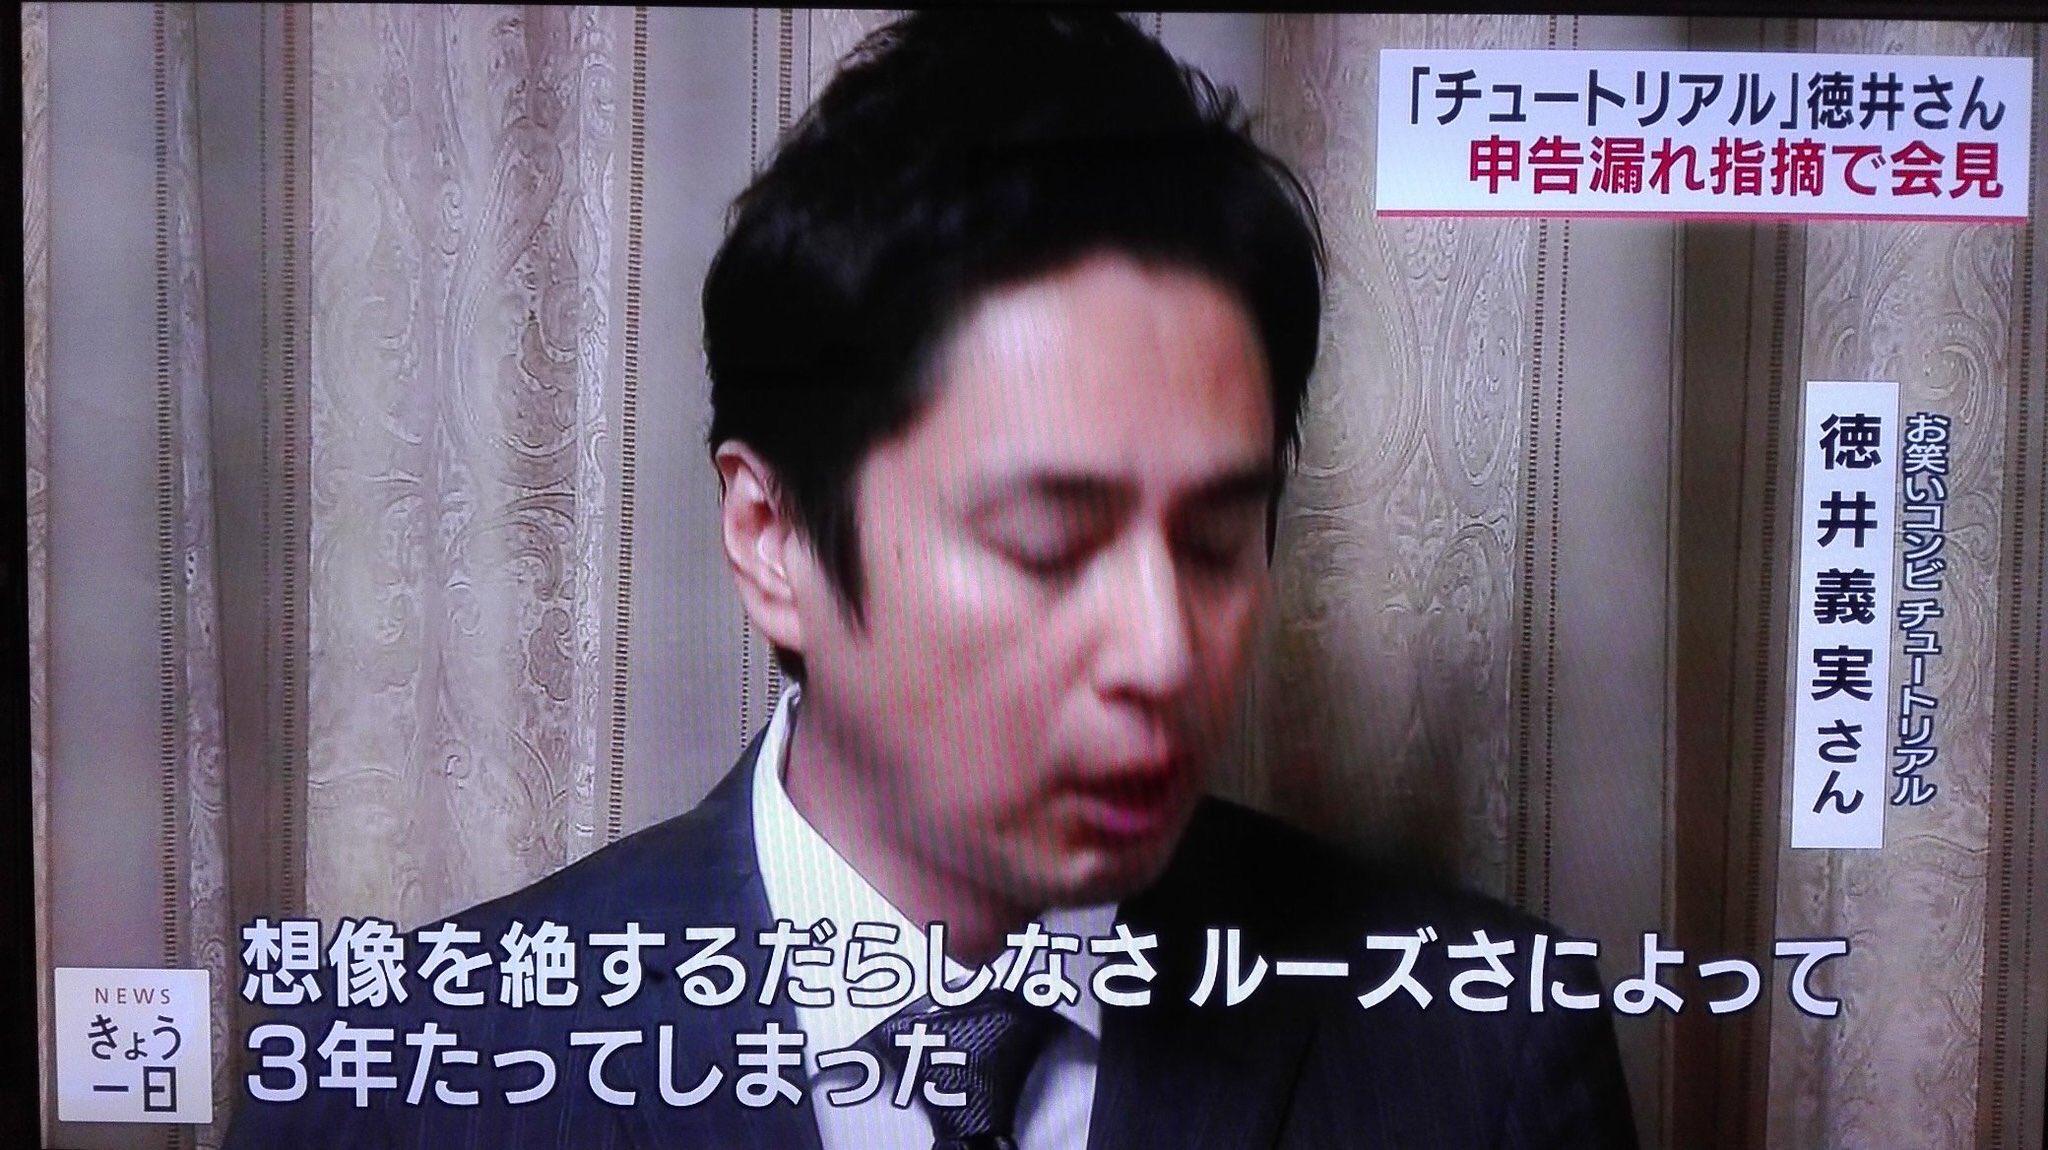 【悲報】チュートリアル徳井さん、ADHDだった